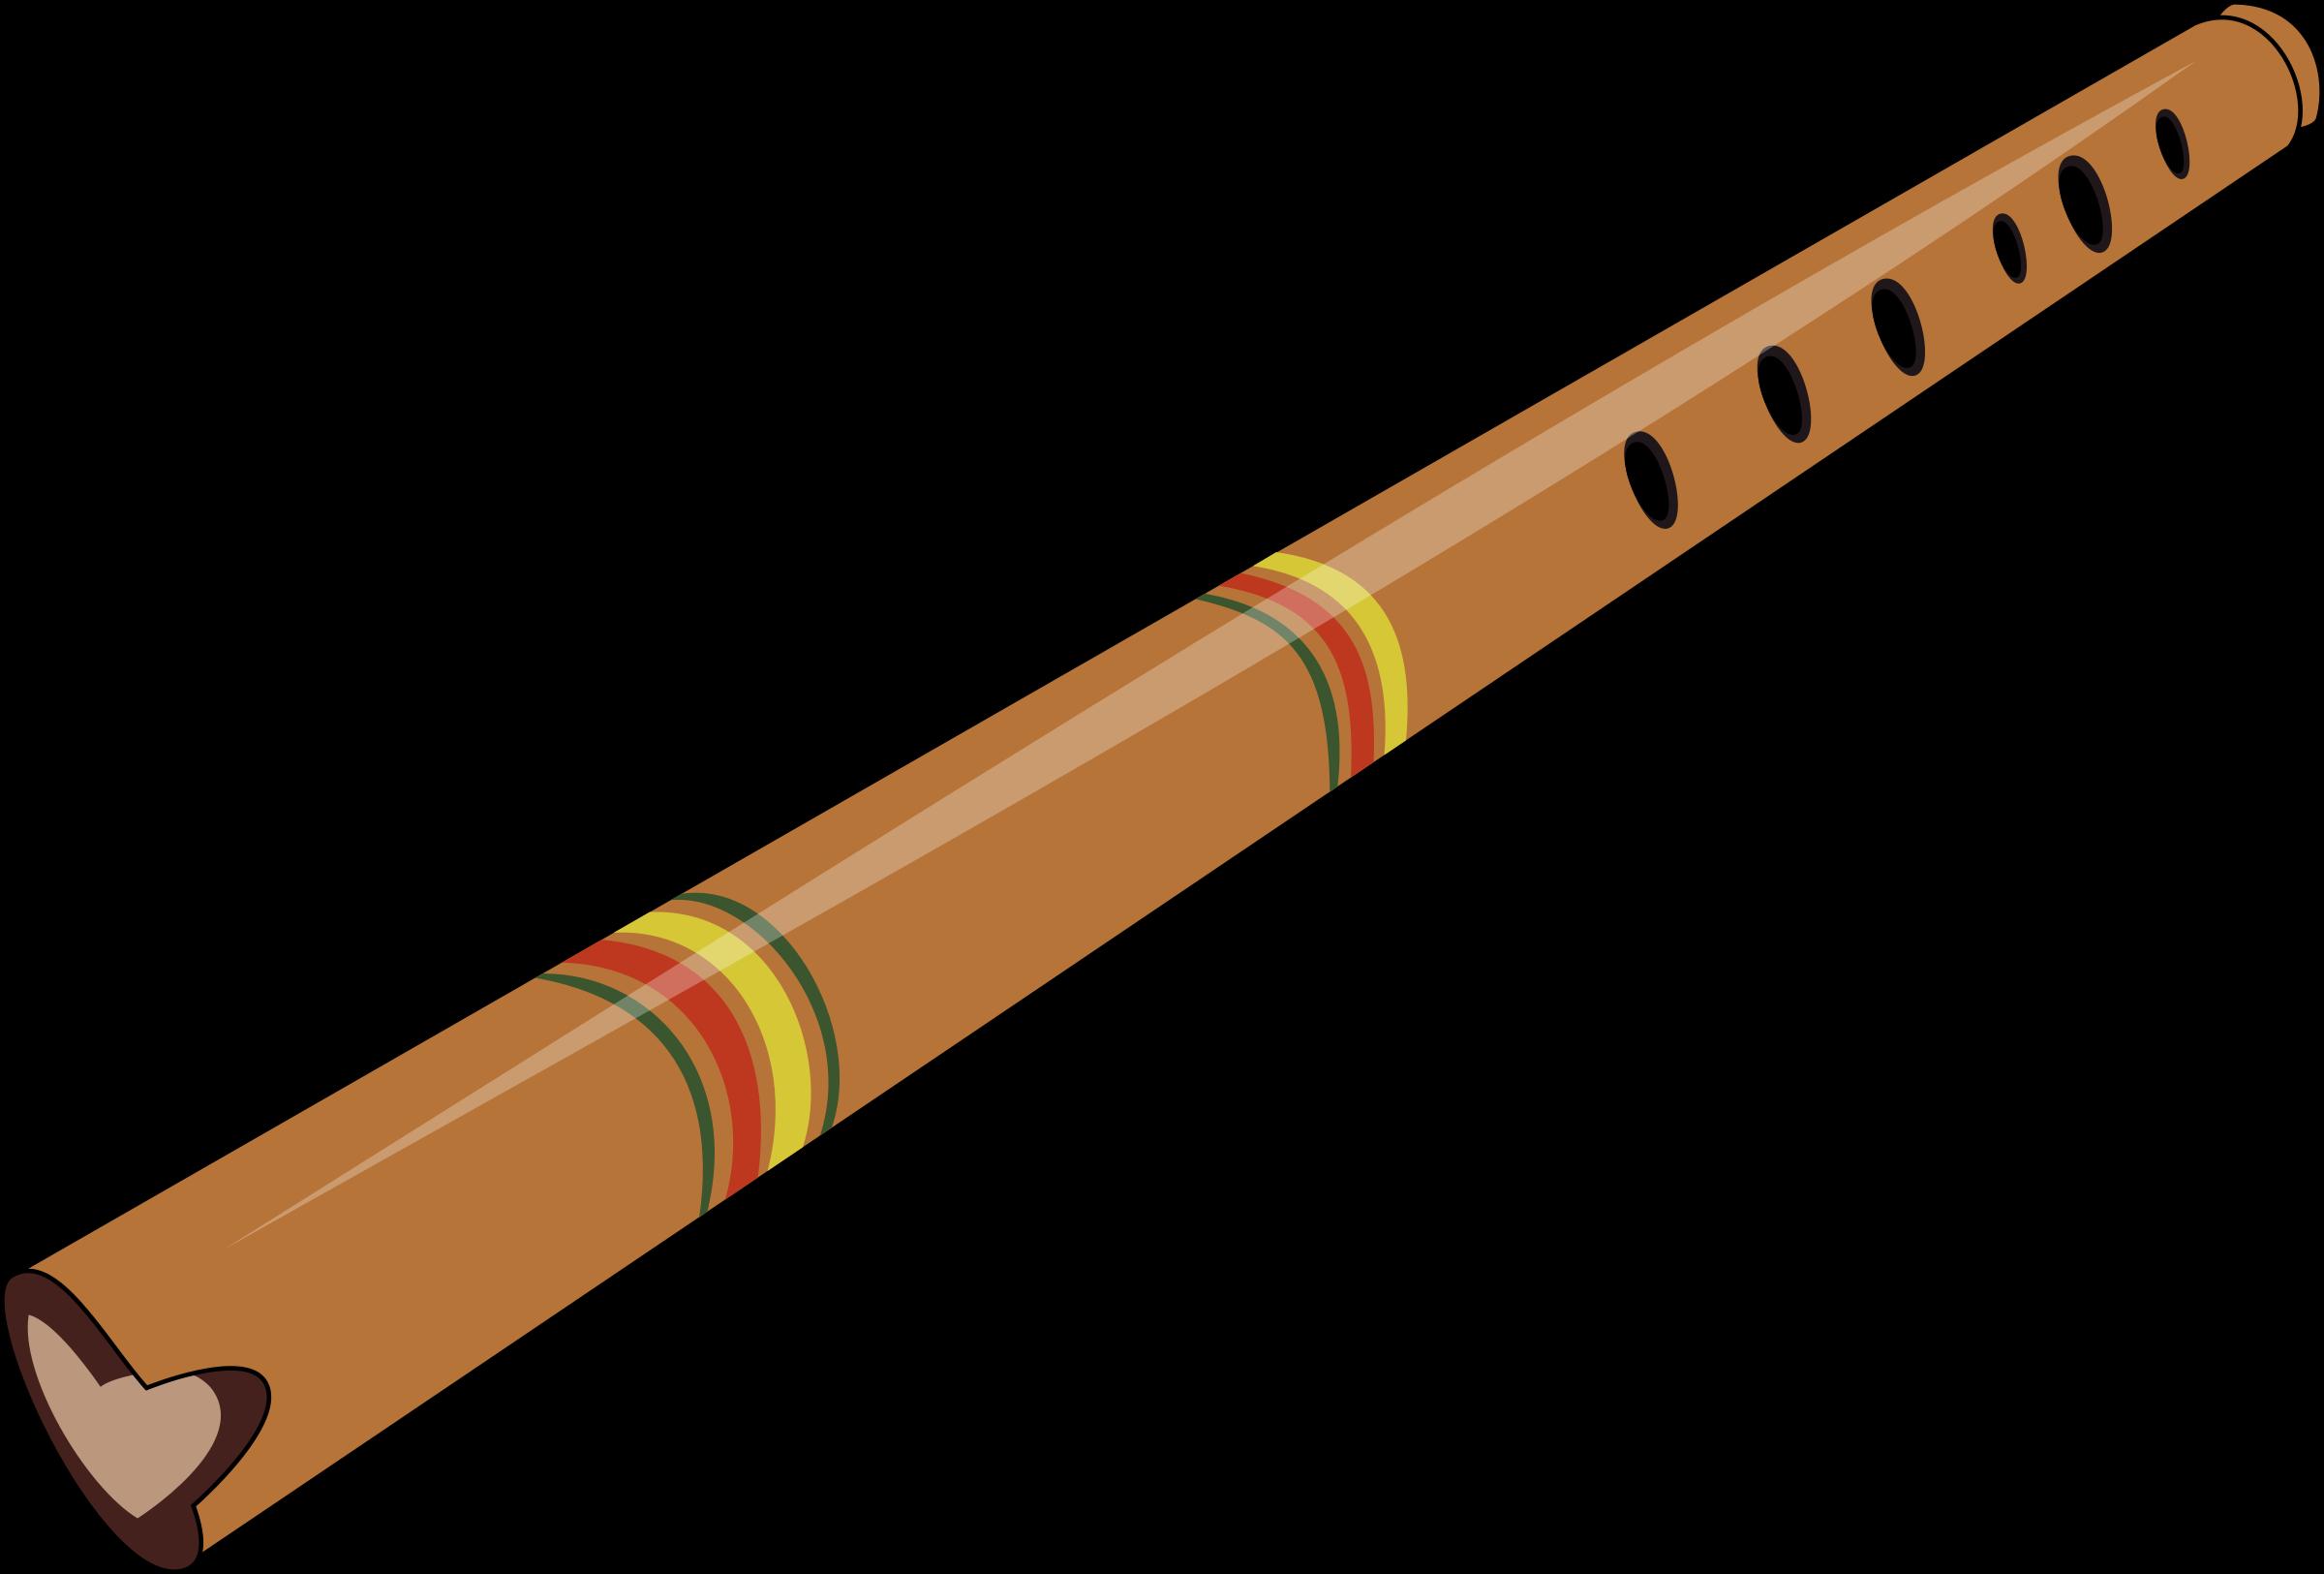 Flutes clipart wind instrument. Quena big image png